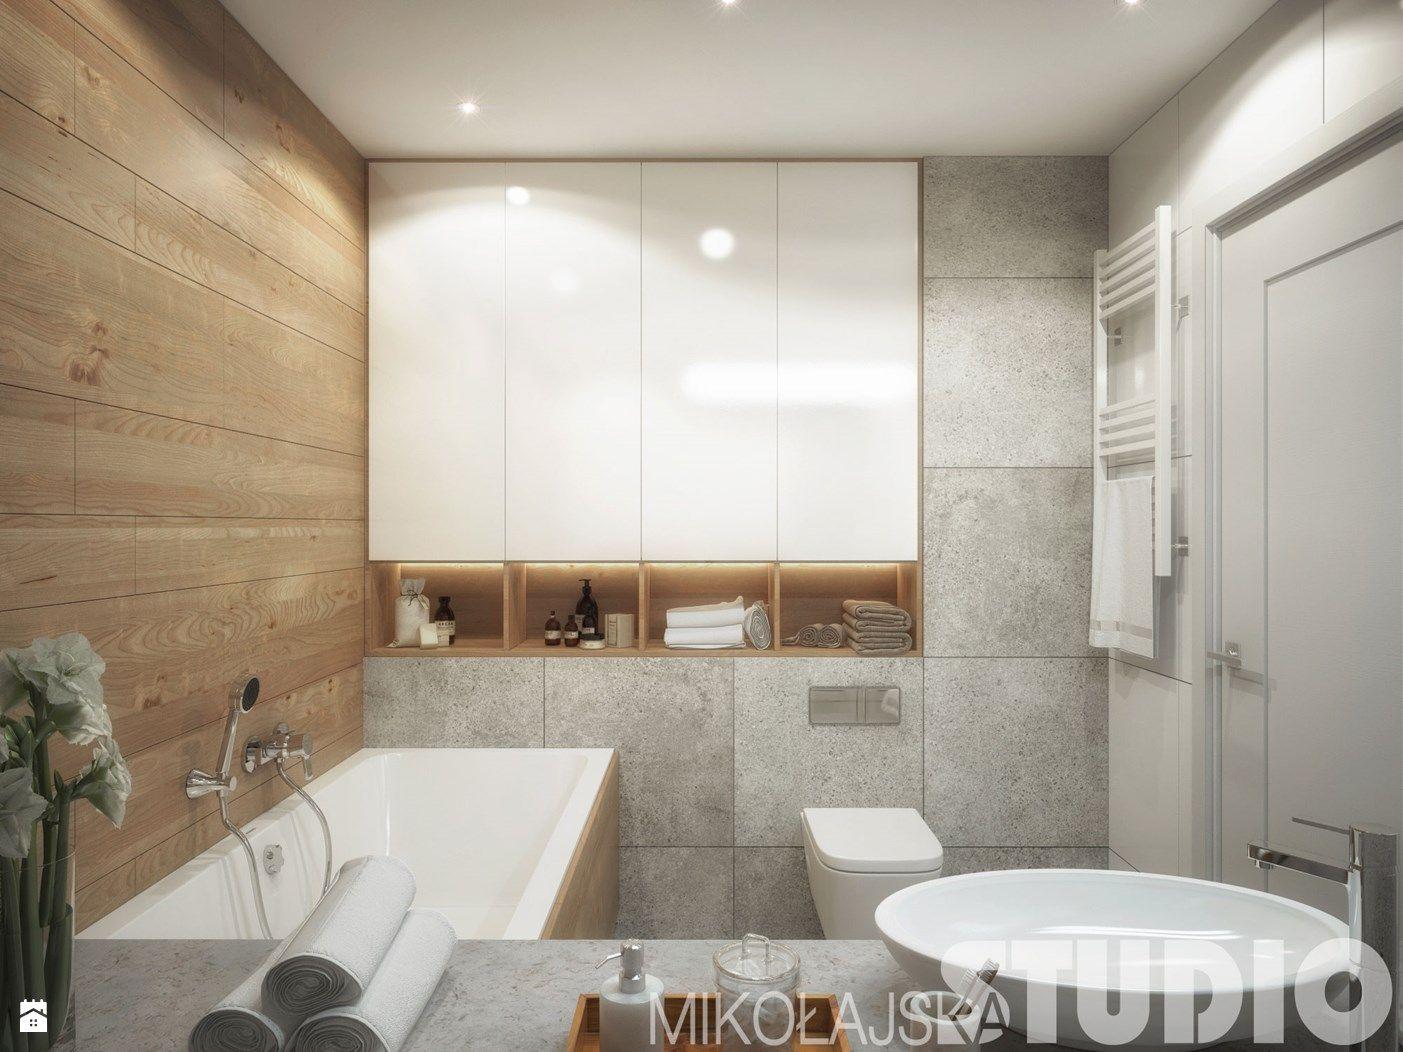 Wystrój wnętrz - Mała łazienka - pomysły na aranżacje. Projekty ...